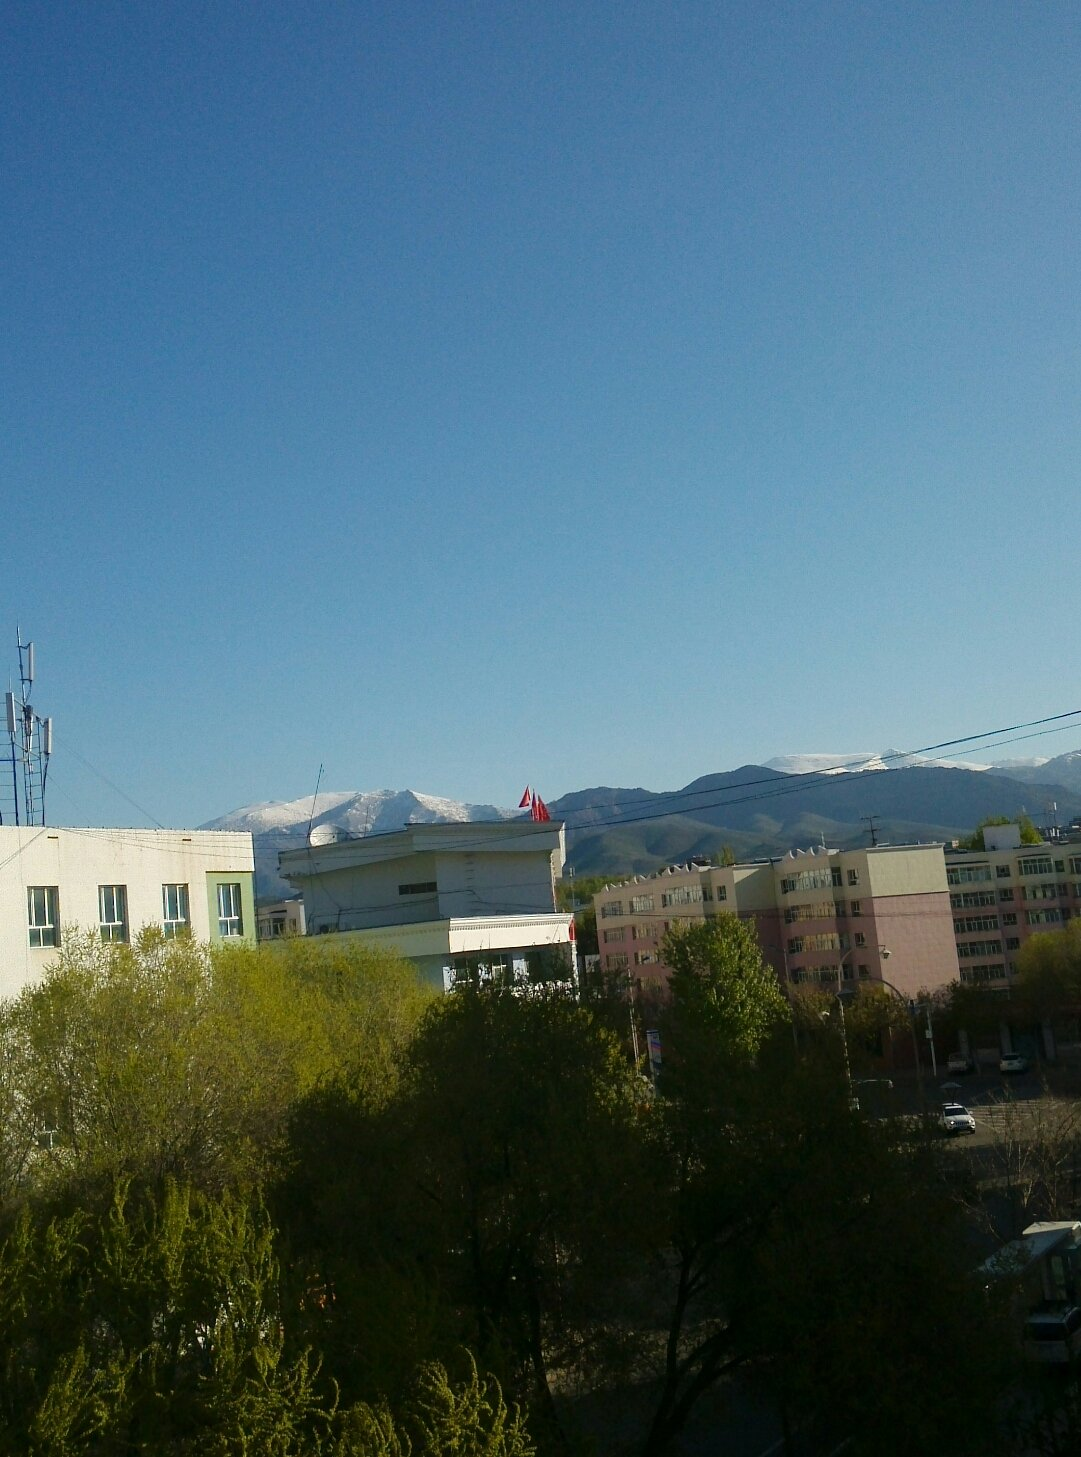 新疆维吾尔自治区阿勒泰地区阿勒泰市金山路街道公园路天气预报